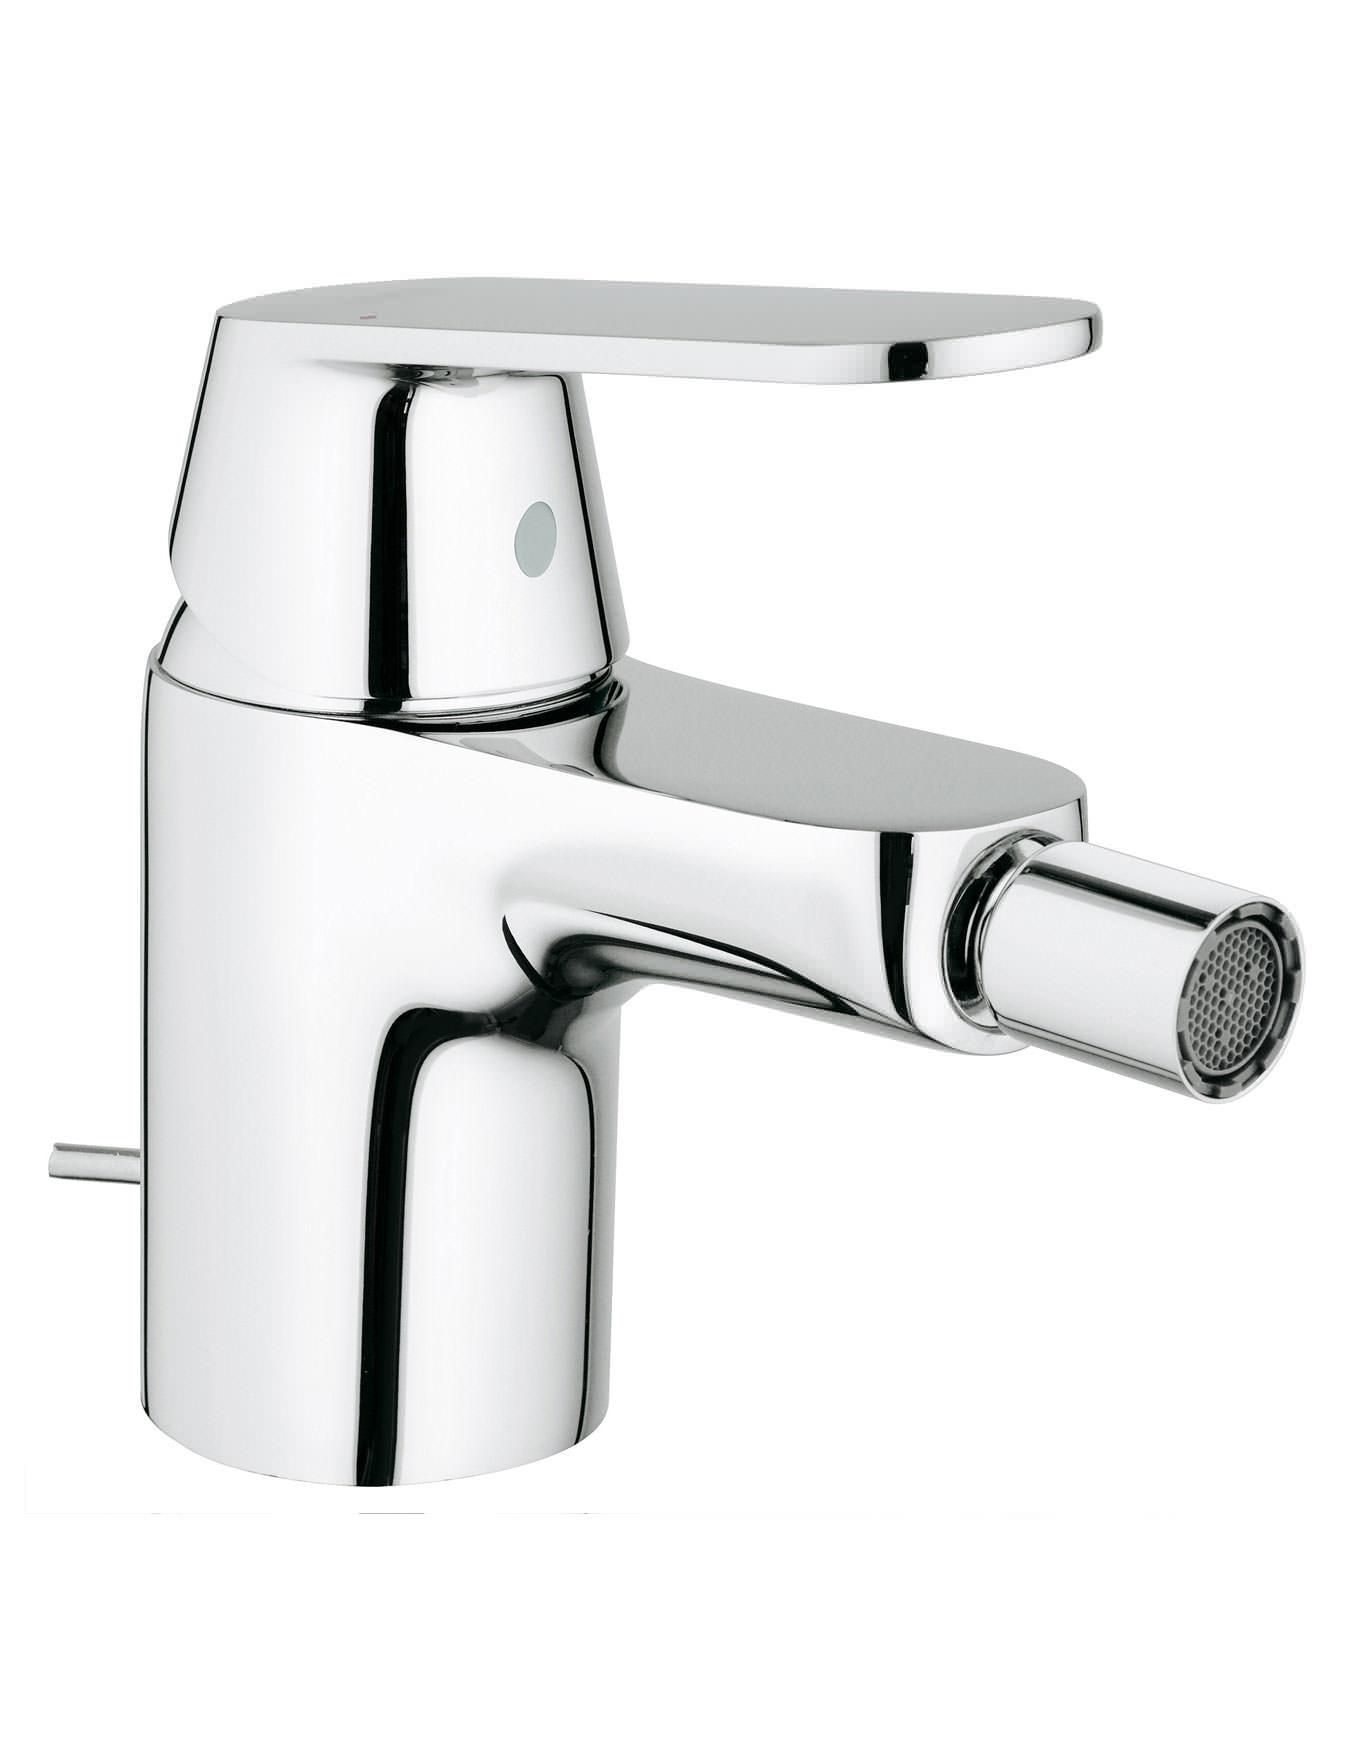 grohe eurosmart cosmopolitan bidet mixer tap with pop up waste. Black Bedroom Furniture Sets. Home Design Ideas